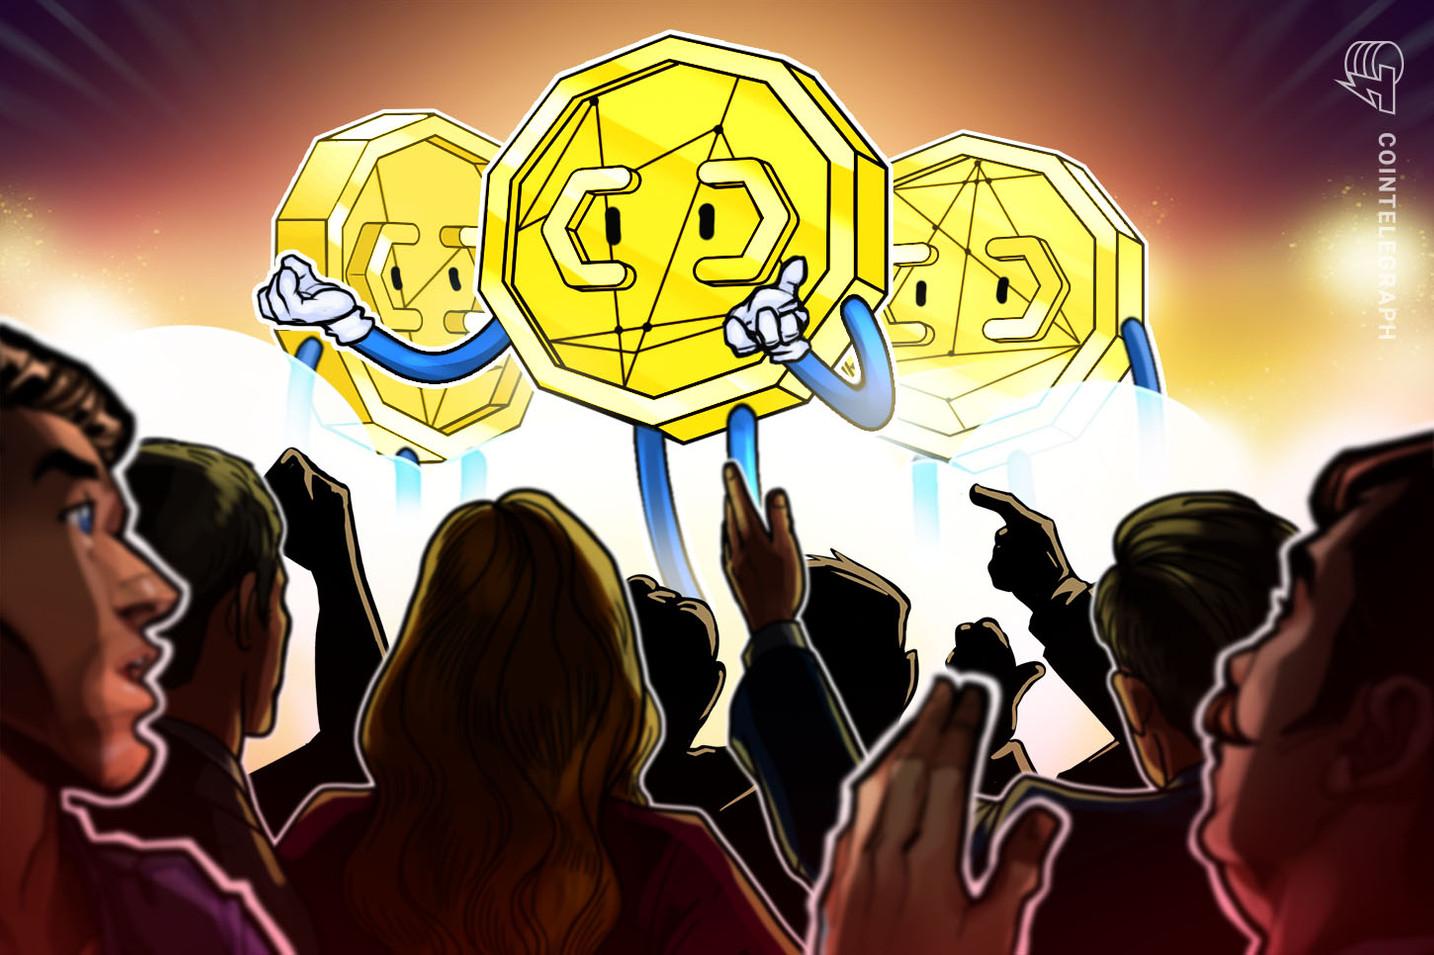 暗号通貨は「純粋な取引手段」である、とヘッジファンドのCEOは言います